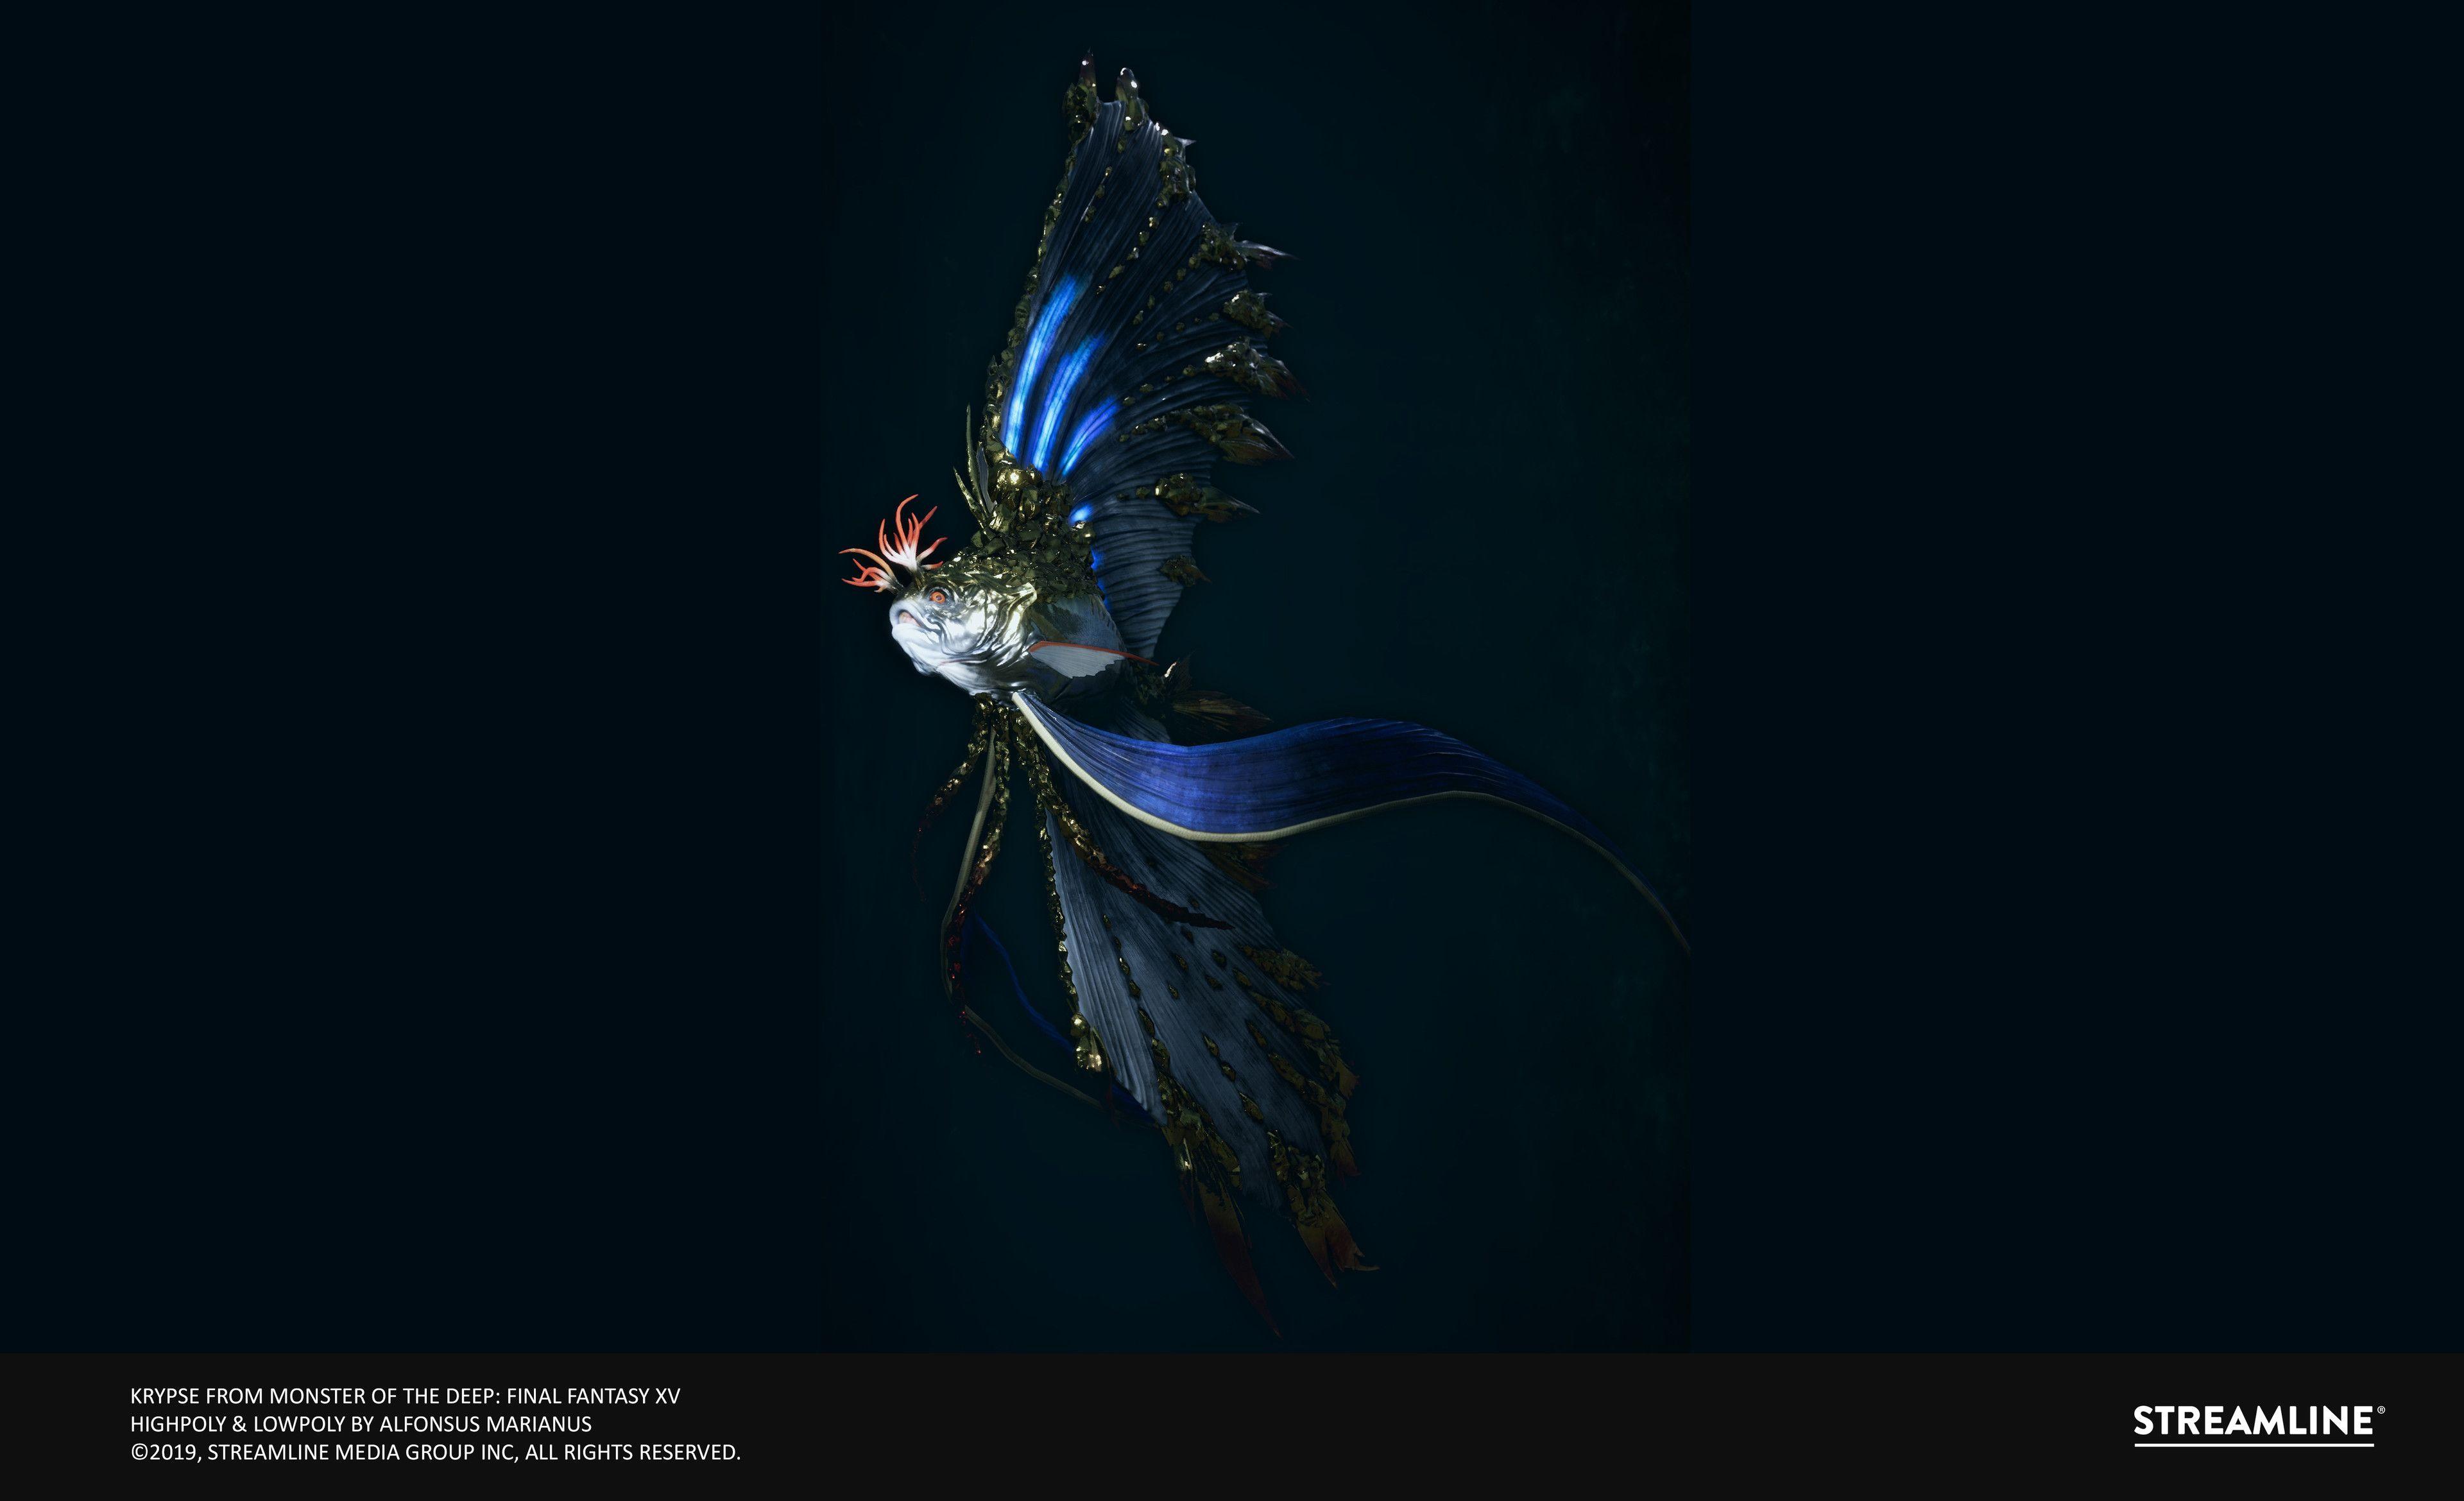 Artstation Krypse Monster Of The Deep Final Fantasy Xv Alfonsus Marianus Final Fantasy Xv Final Fantasy Fantasy Monster of deep final fantasy xv